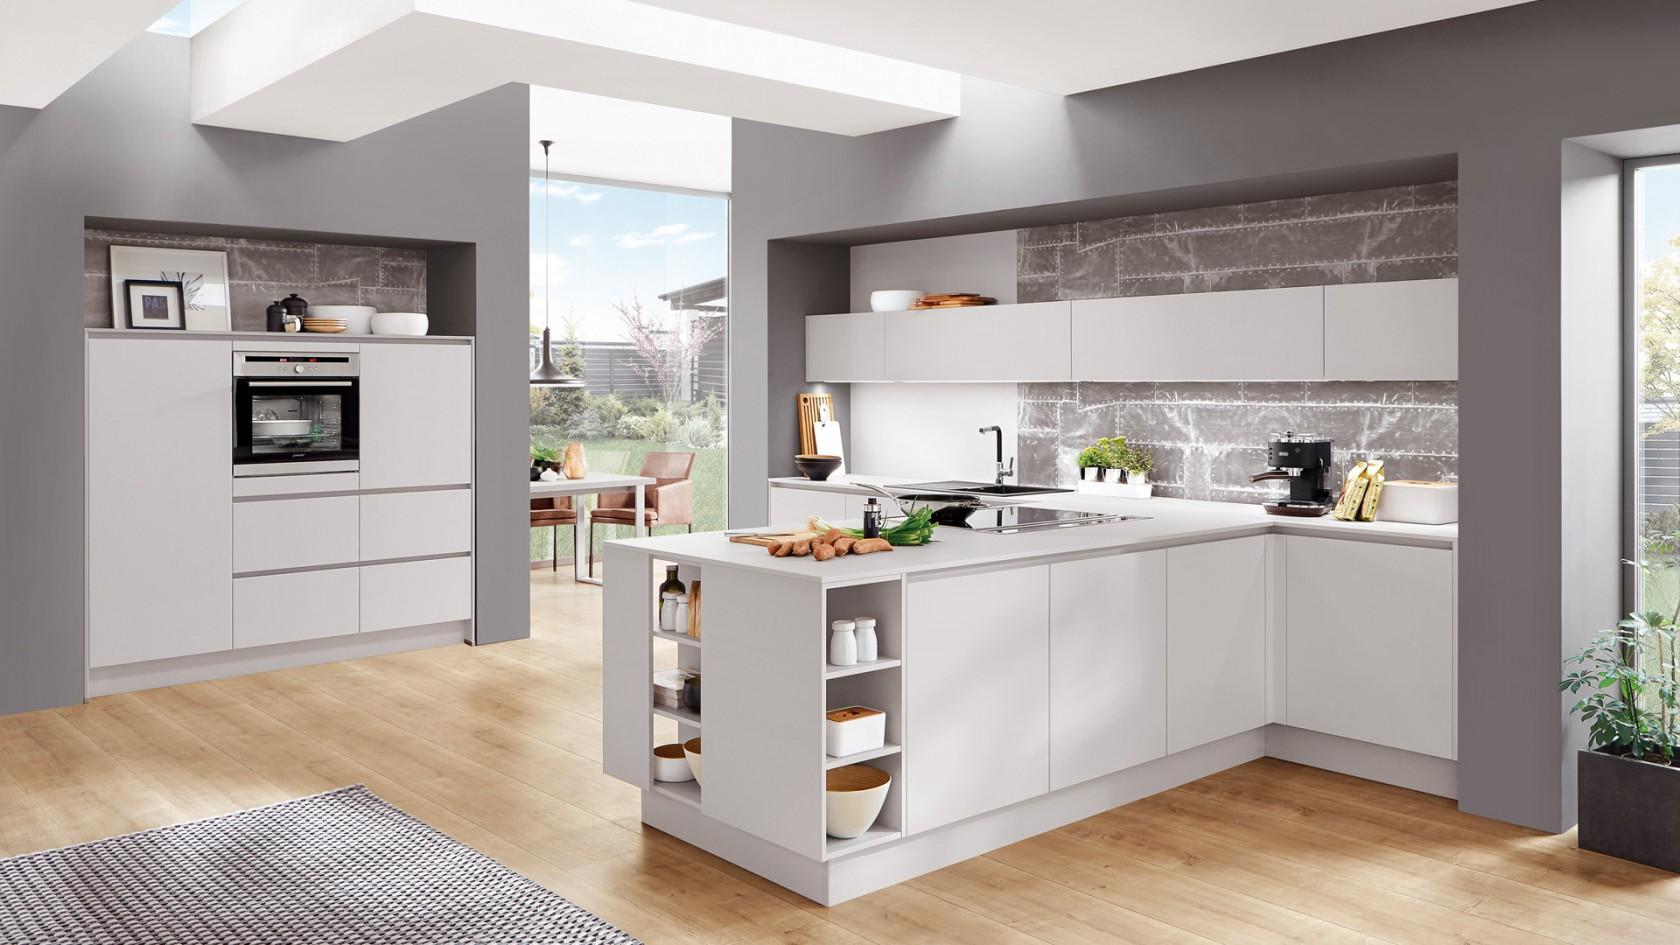 Küchen Nordhorn küchenstudio küchen nordhorn möbel nordhorn möbel faber